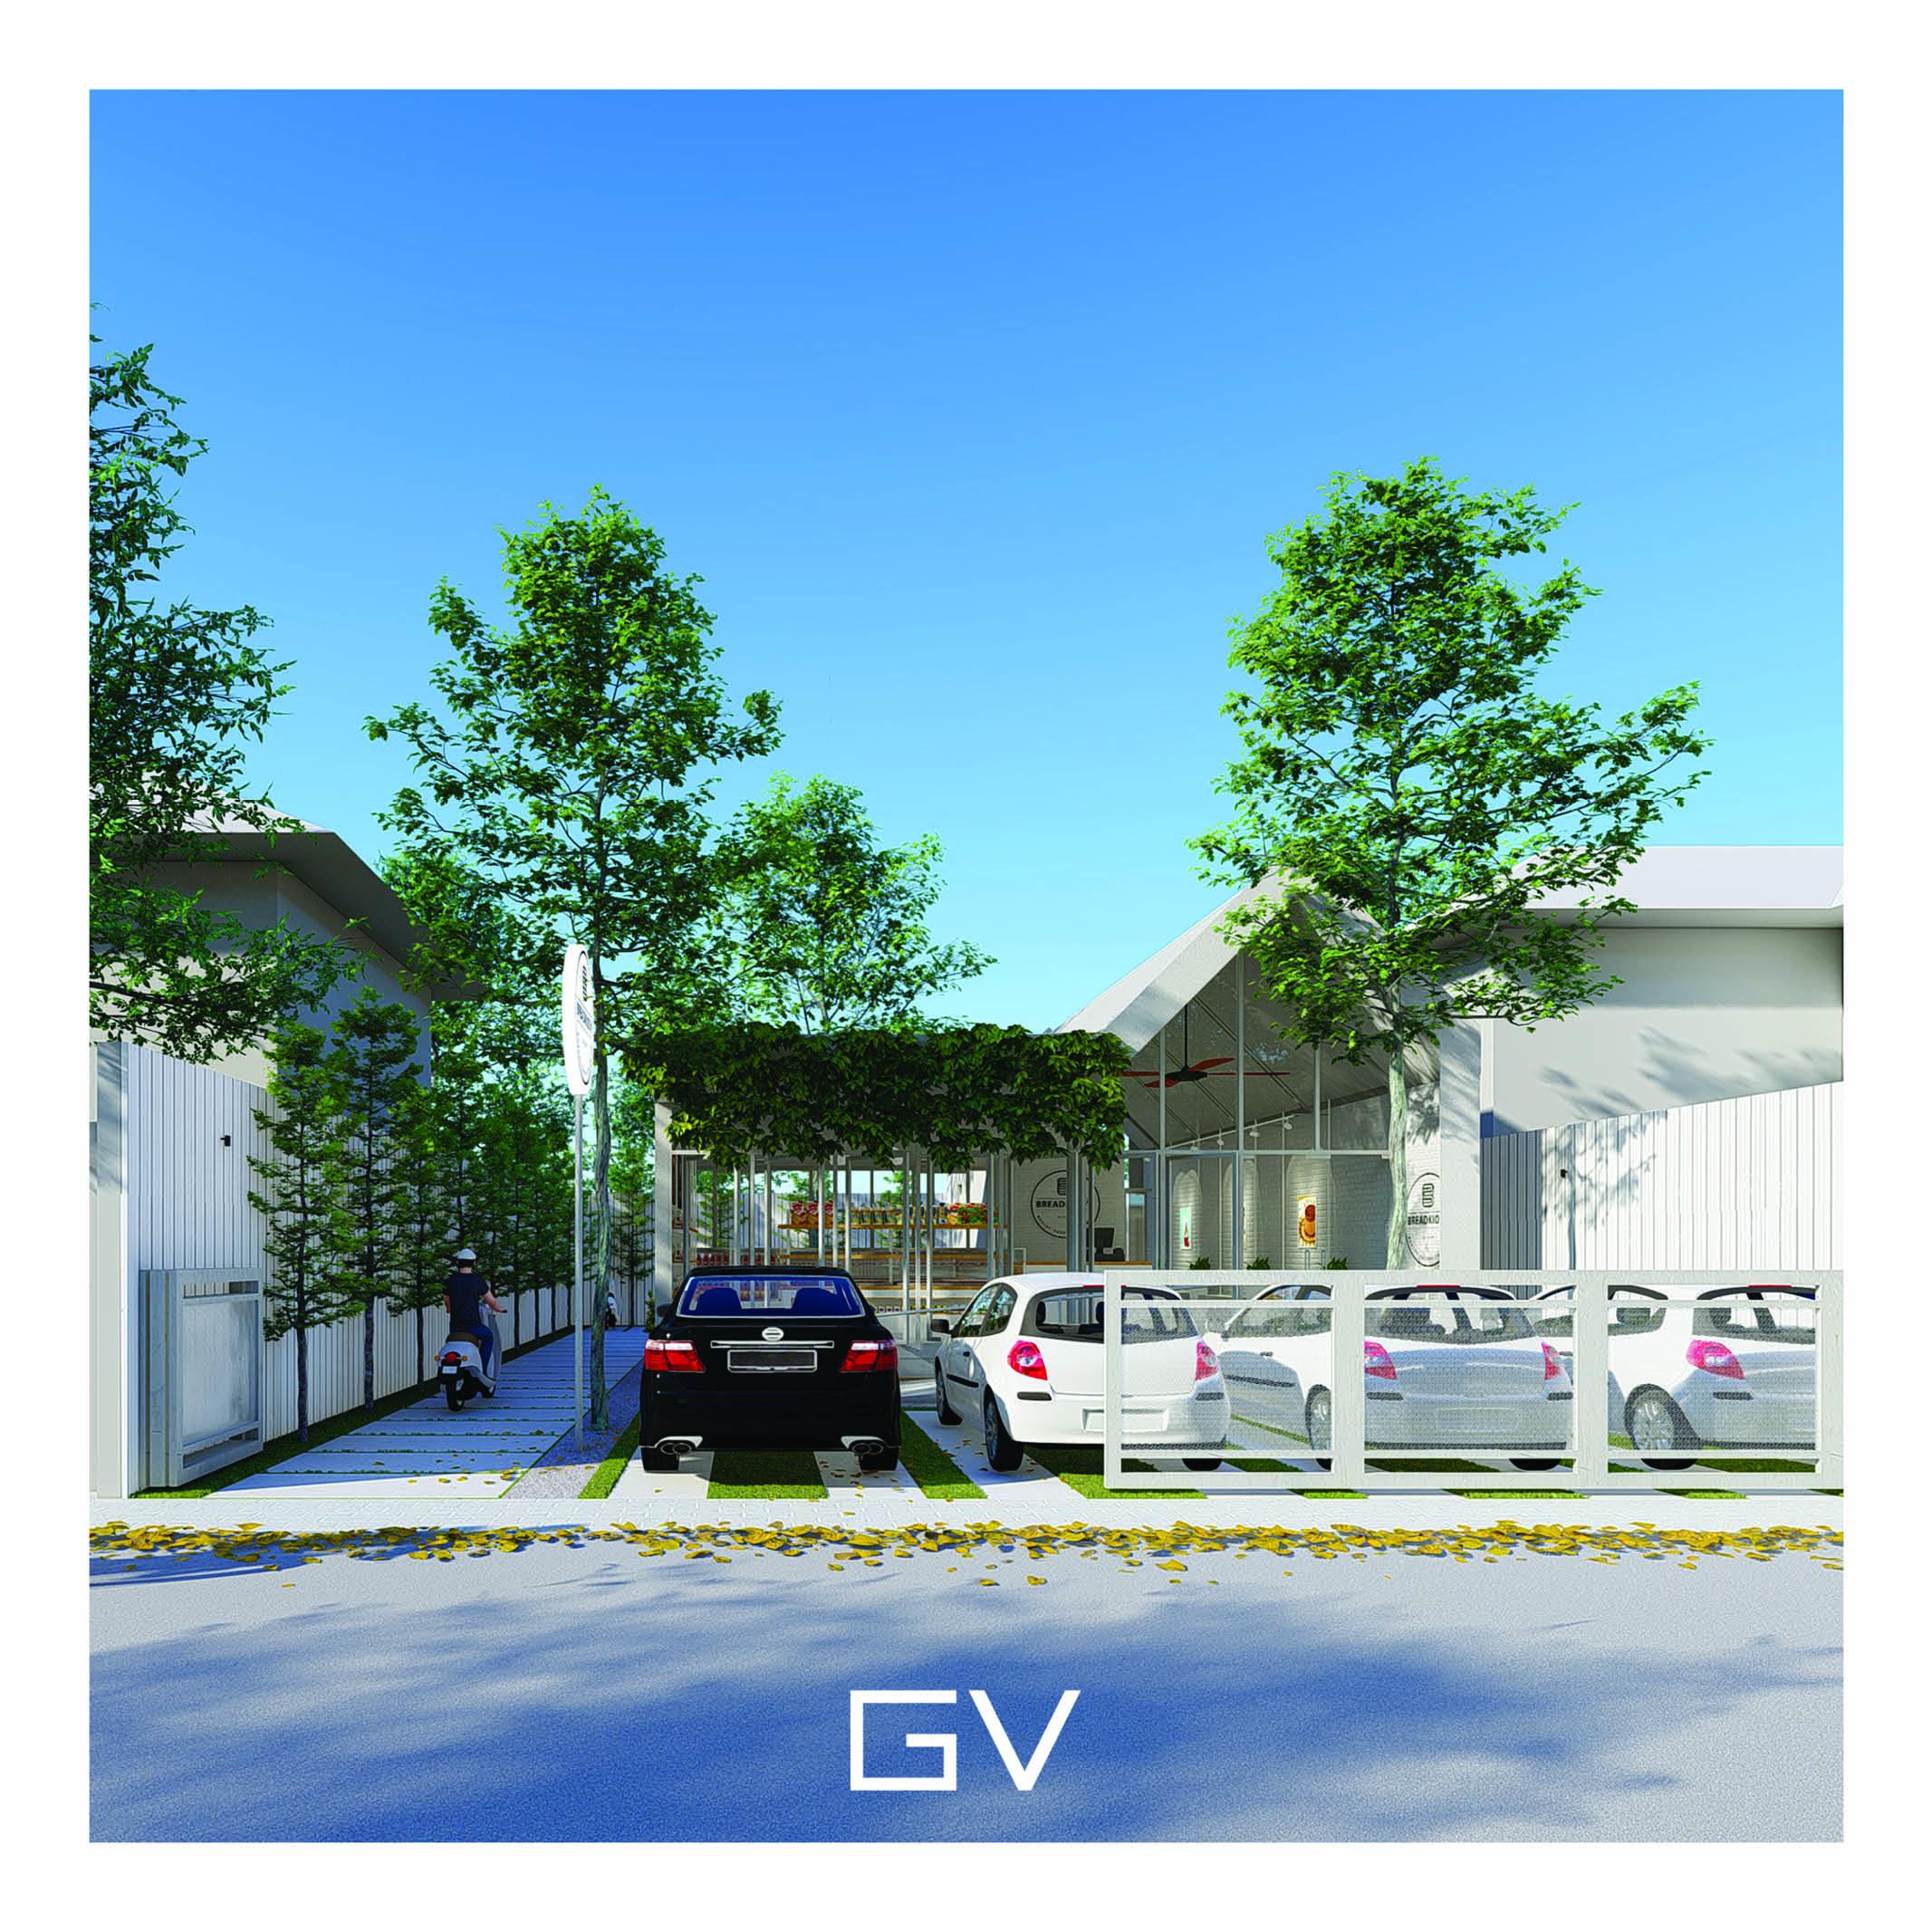 Jasa Design and Build GV Studio di Banjarmasin